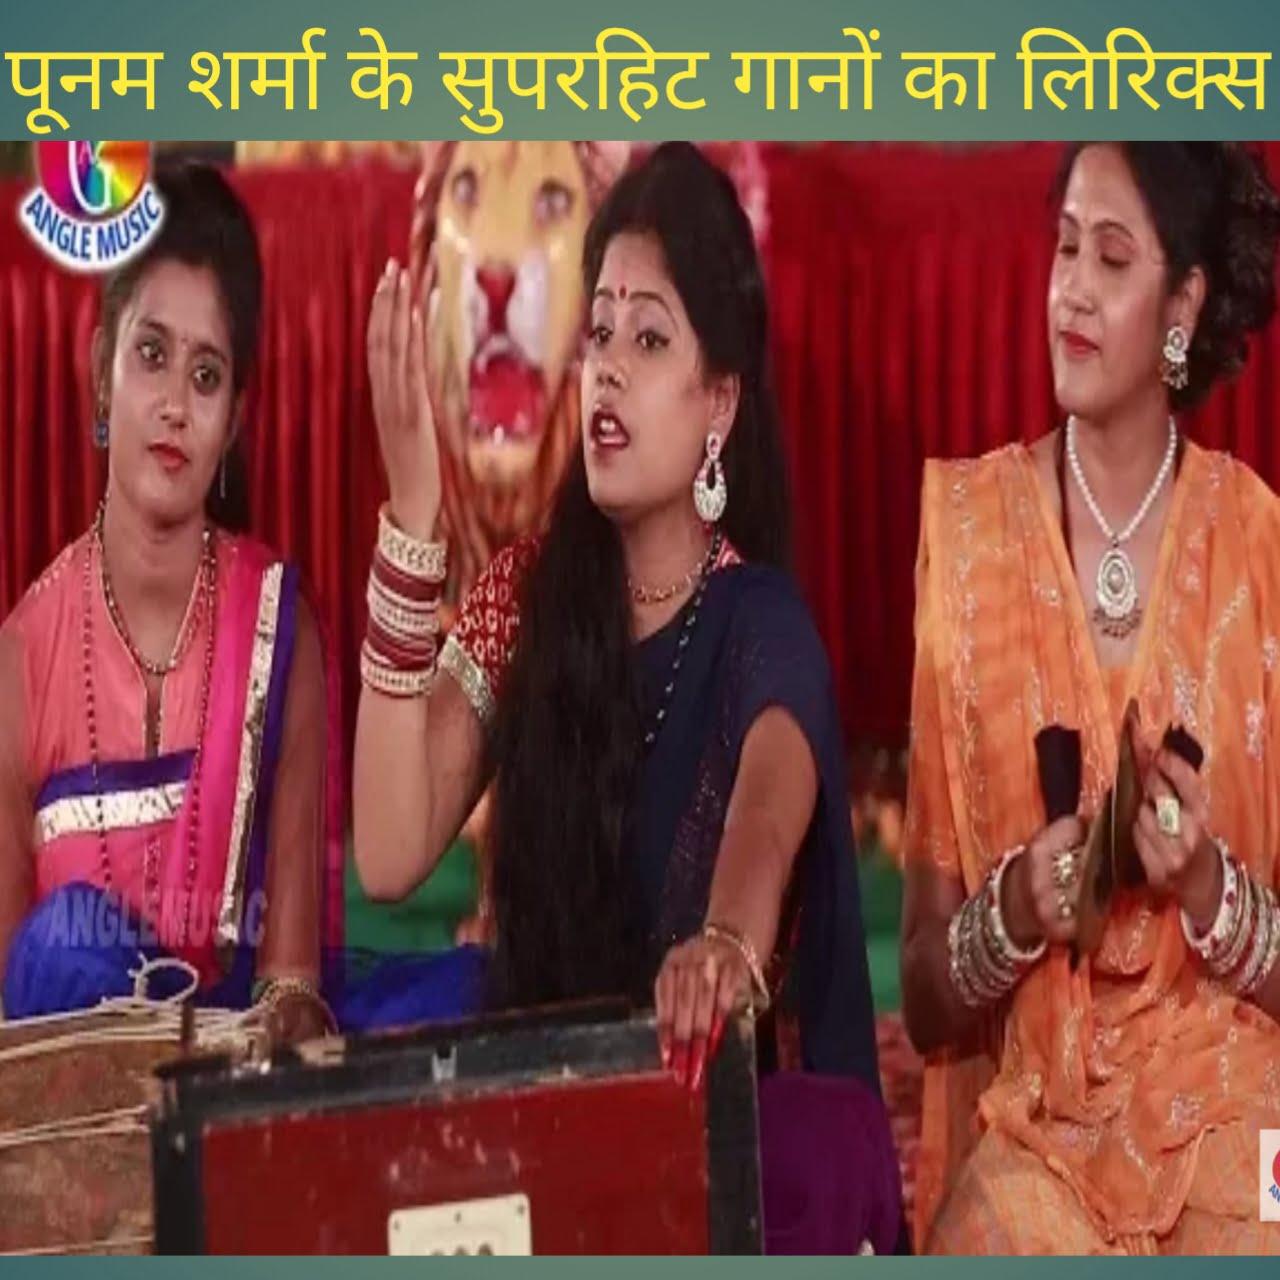 कईसन बारे लक्ष्मण देवरवा लिरिक्स- पूनम शर्मा